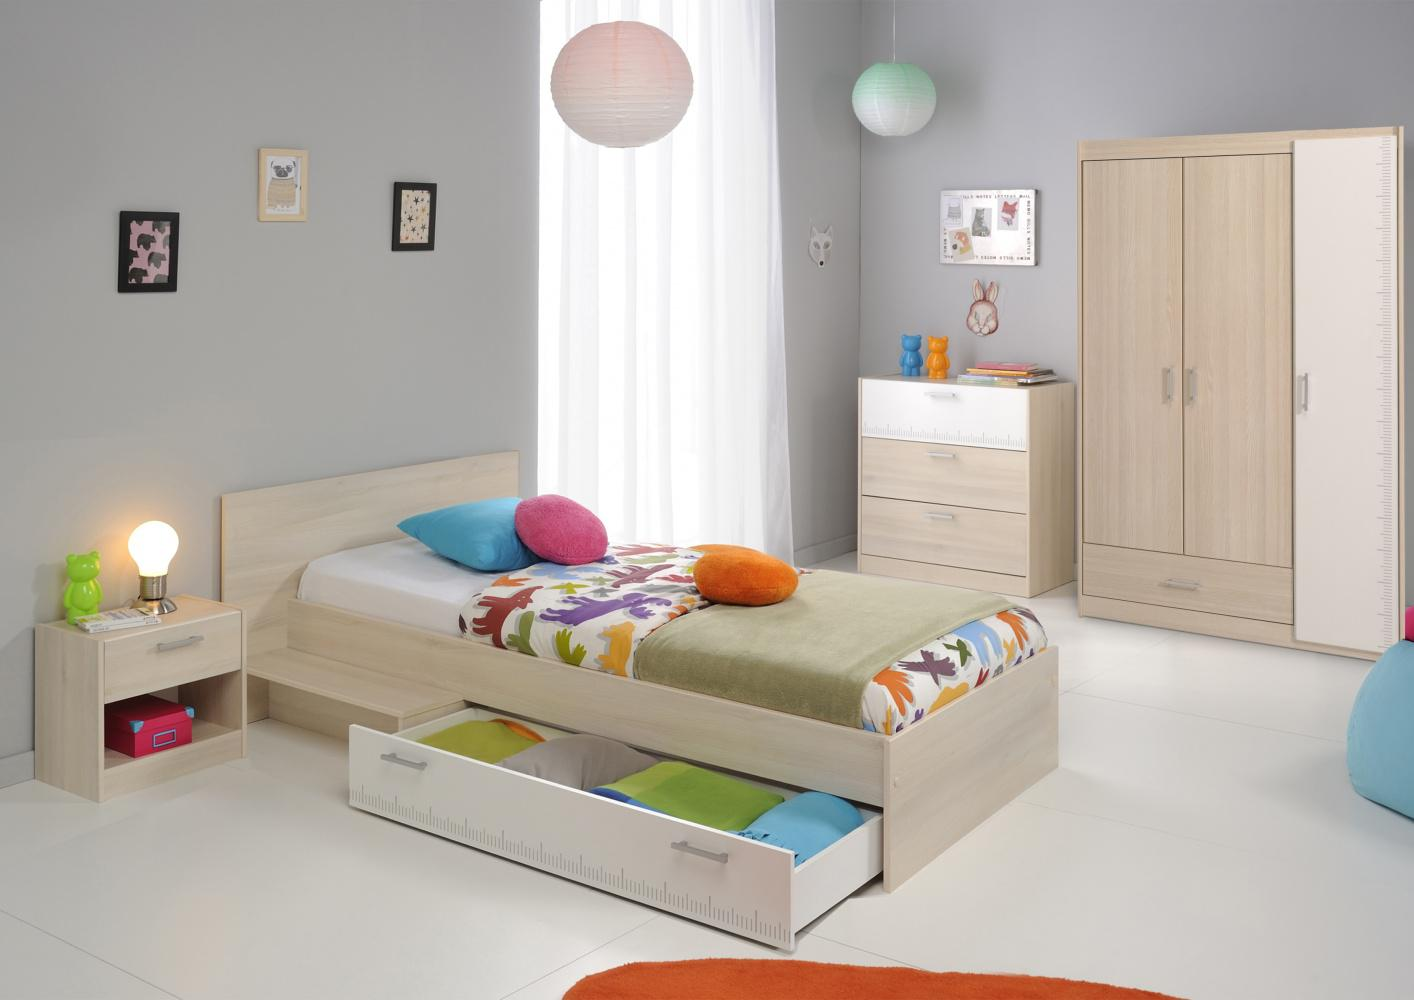 Full Size of Komplett Kinderzimmer 5c333062def64 Günstige Schlafzimmer Komplettes Regal Günstig Weiß Sofa Dusche Set Mit Lattenrost Und Matratze Badezimmer Regale Bett Kinderzimmer Komplett Kinderzimmer